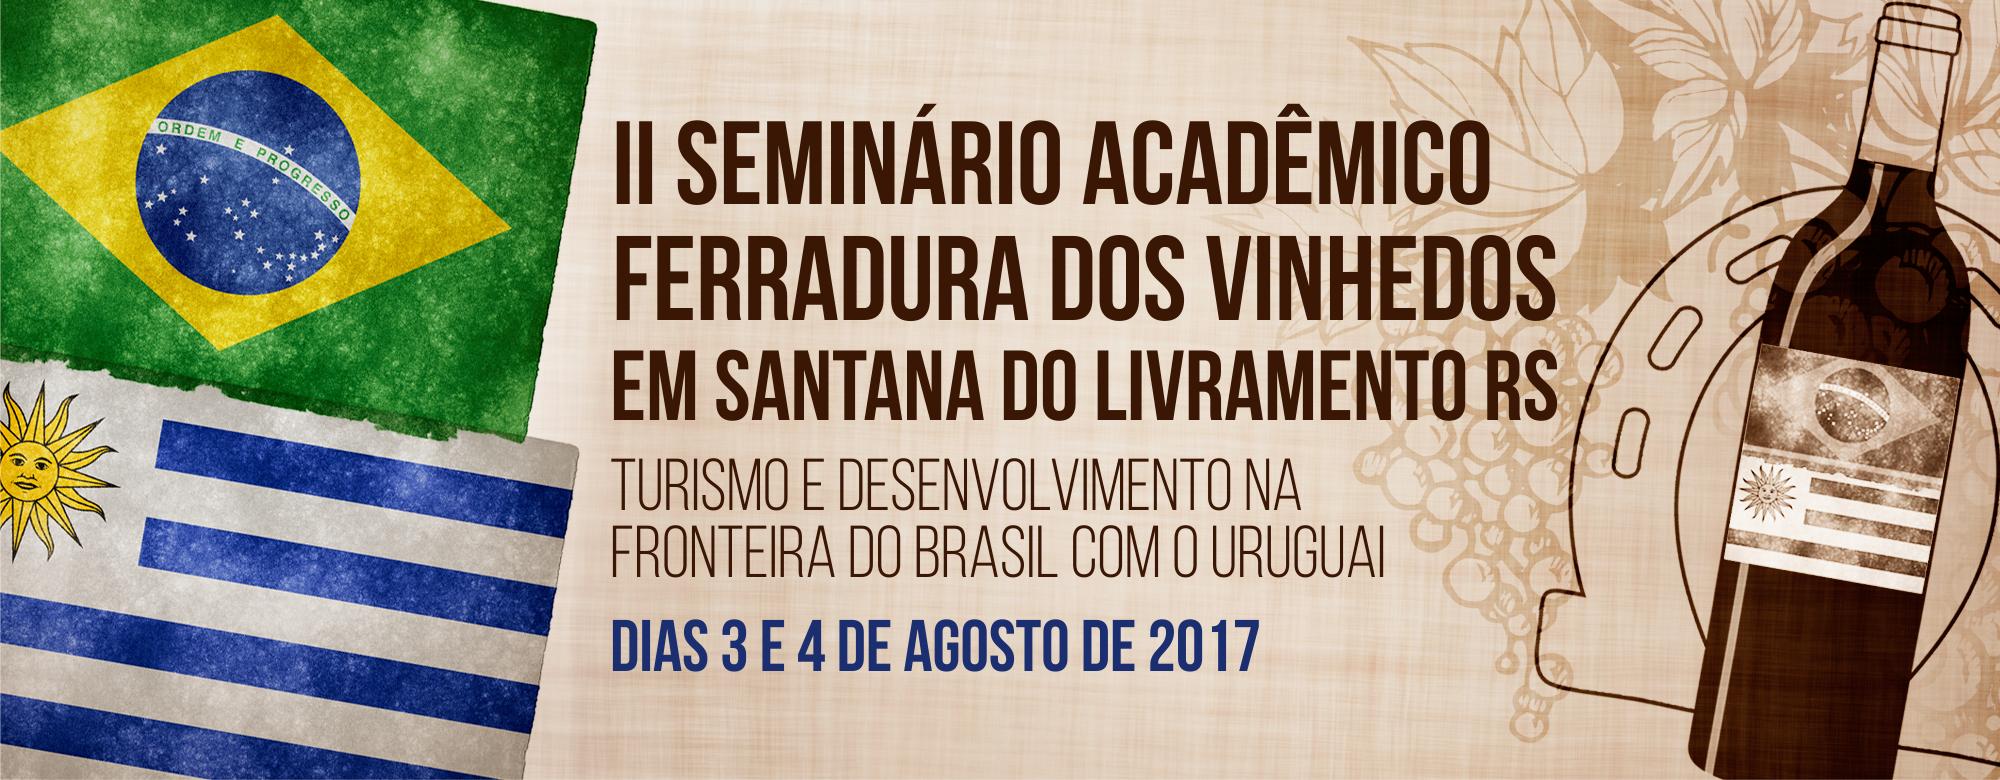 Segundo Seminário Acadêmico Ferradura dos Vinhedos em Santana do Livramento, Rio Grande do Sul. Turismo e Desenvolvimento na Fronteira do Brasil com o Uruguai. Dias 3 e 4 de agosto de 2017.